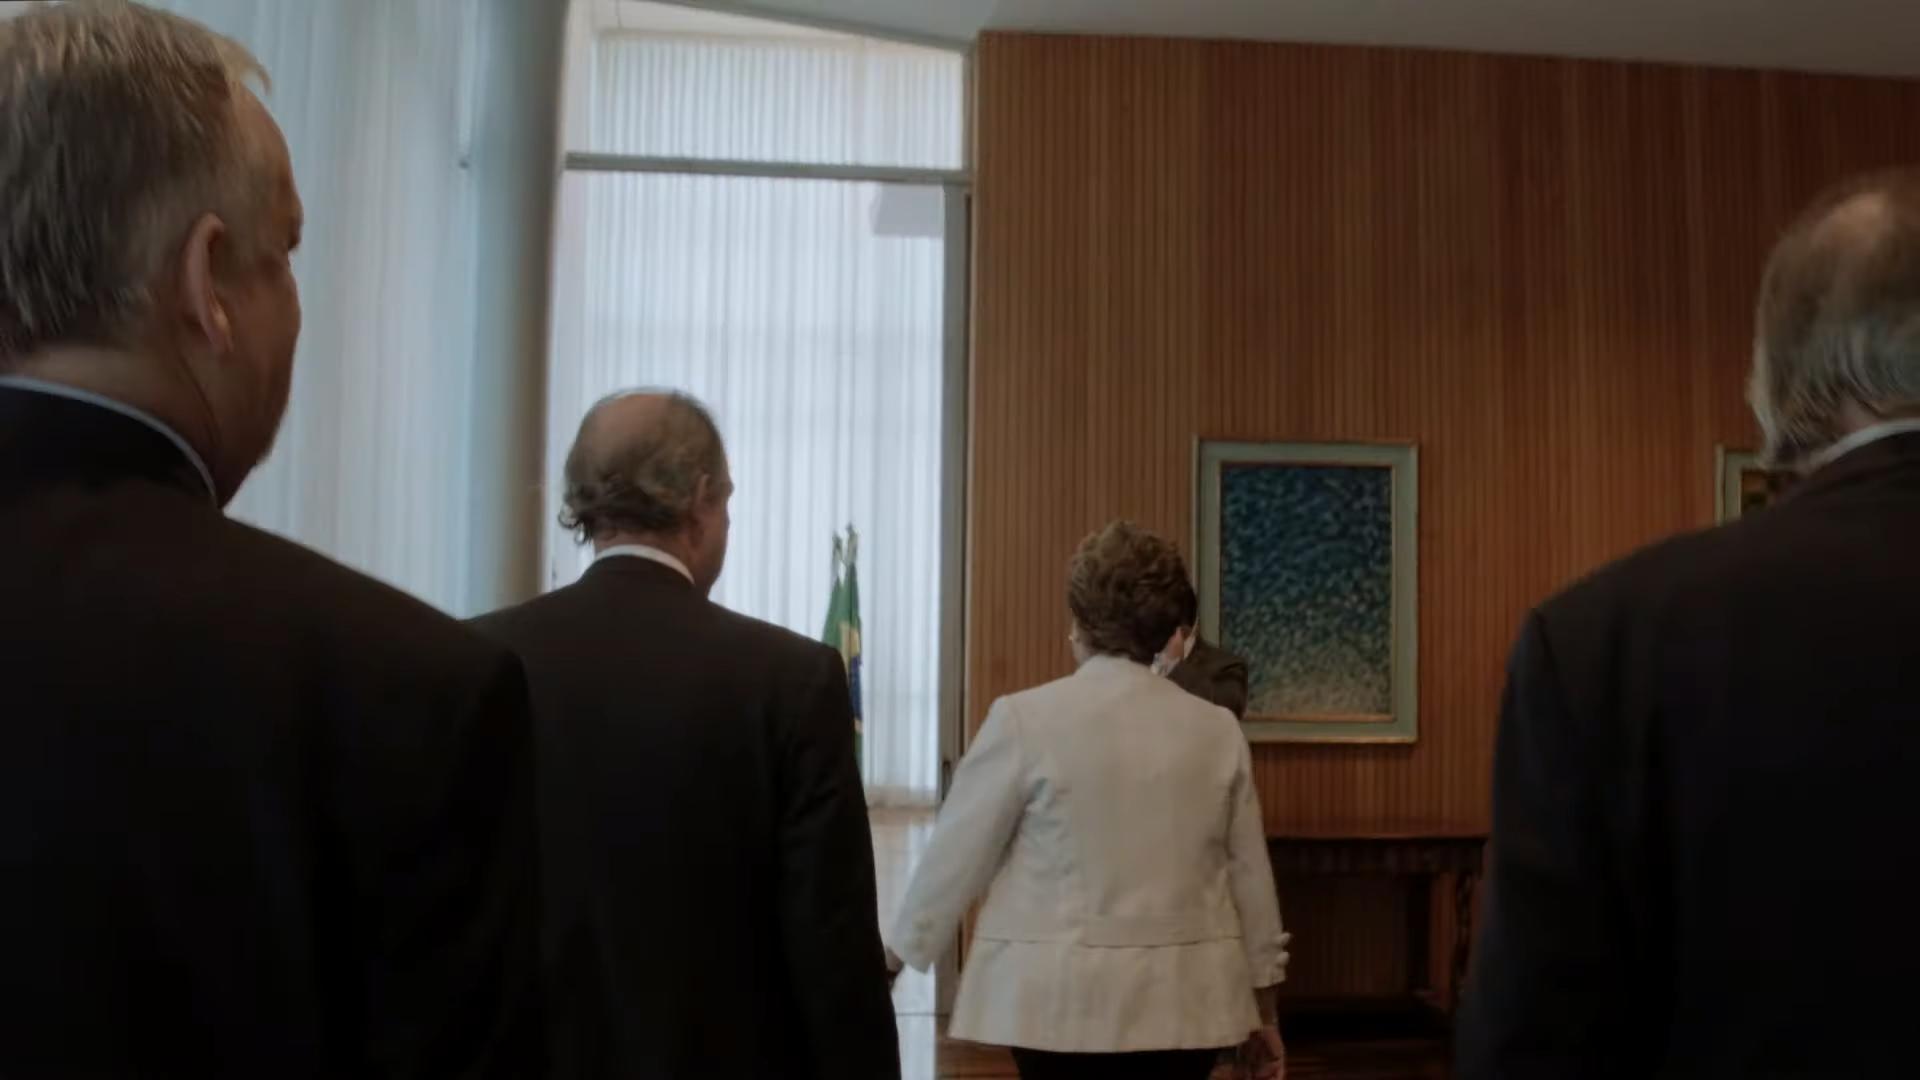 Cena do filme Alvorada. A imagem mostra a ex-presidenta Dilma Rousseff de costas, centralizada, e na frente de três homens. Dilma usa um blazer branco e caminha para a frente, e os homens que a seguem, todos brancos, vestem paletós pretos. Ela caminha em direção a uma sala com uma porta de vidro no lado esquerdo da imagem, e no lado direito, existe um painel de madeira ripado.